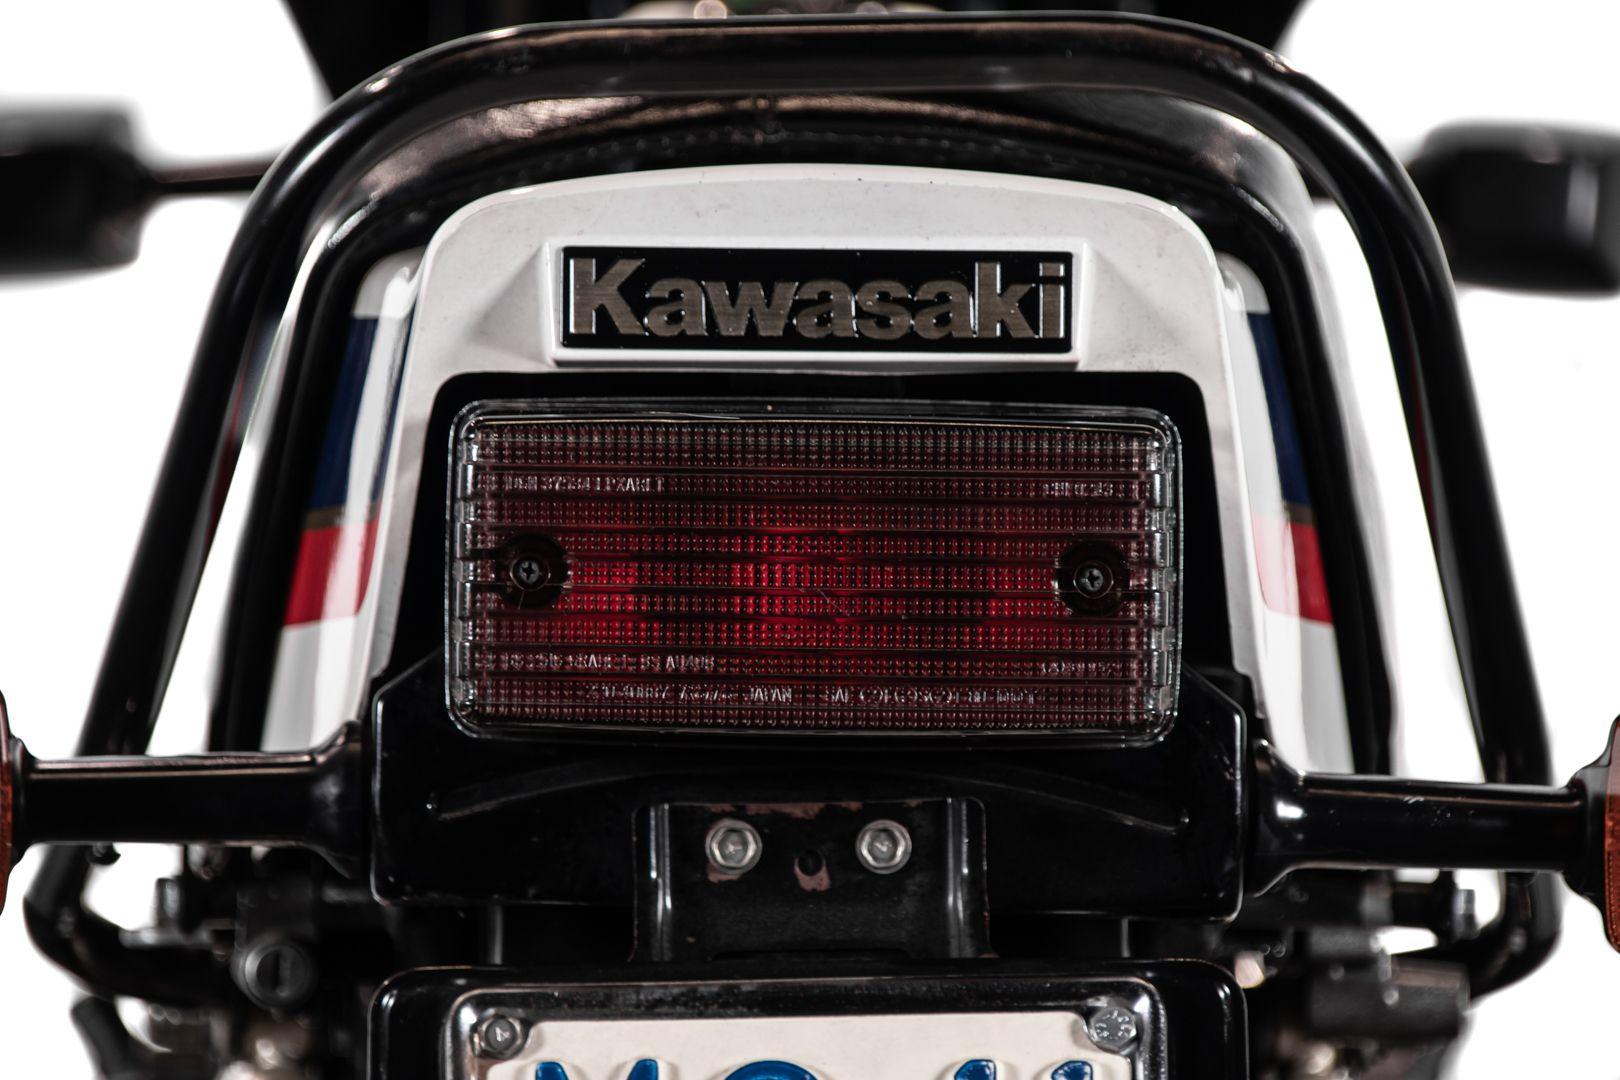 1985 Kawasaki 1000 Z1R 84995